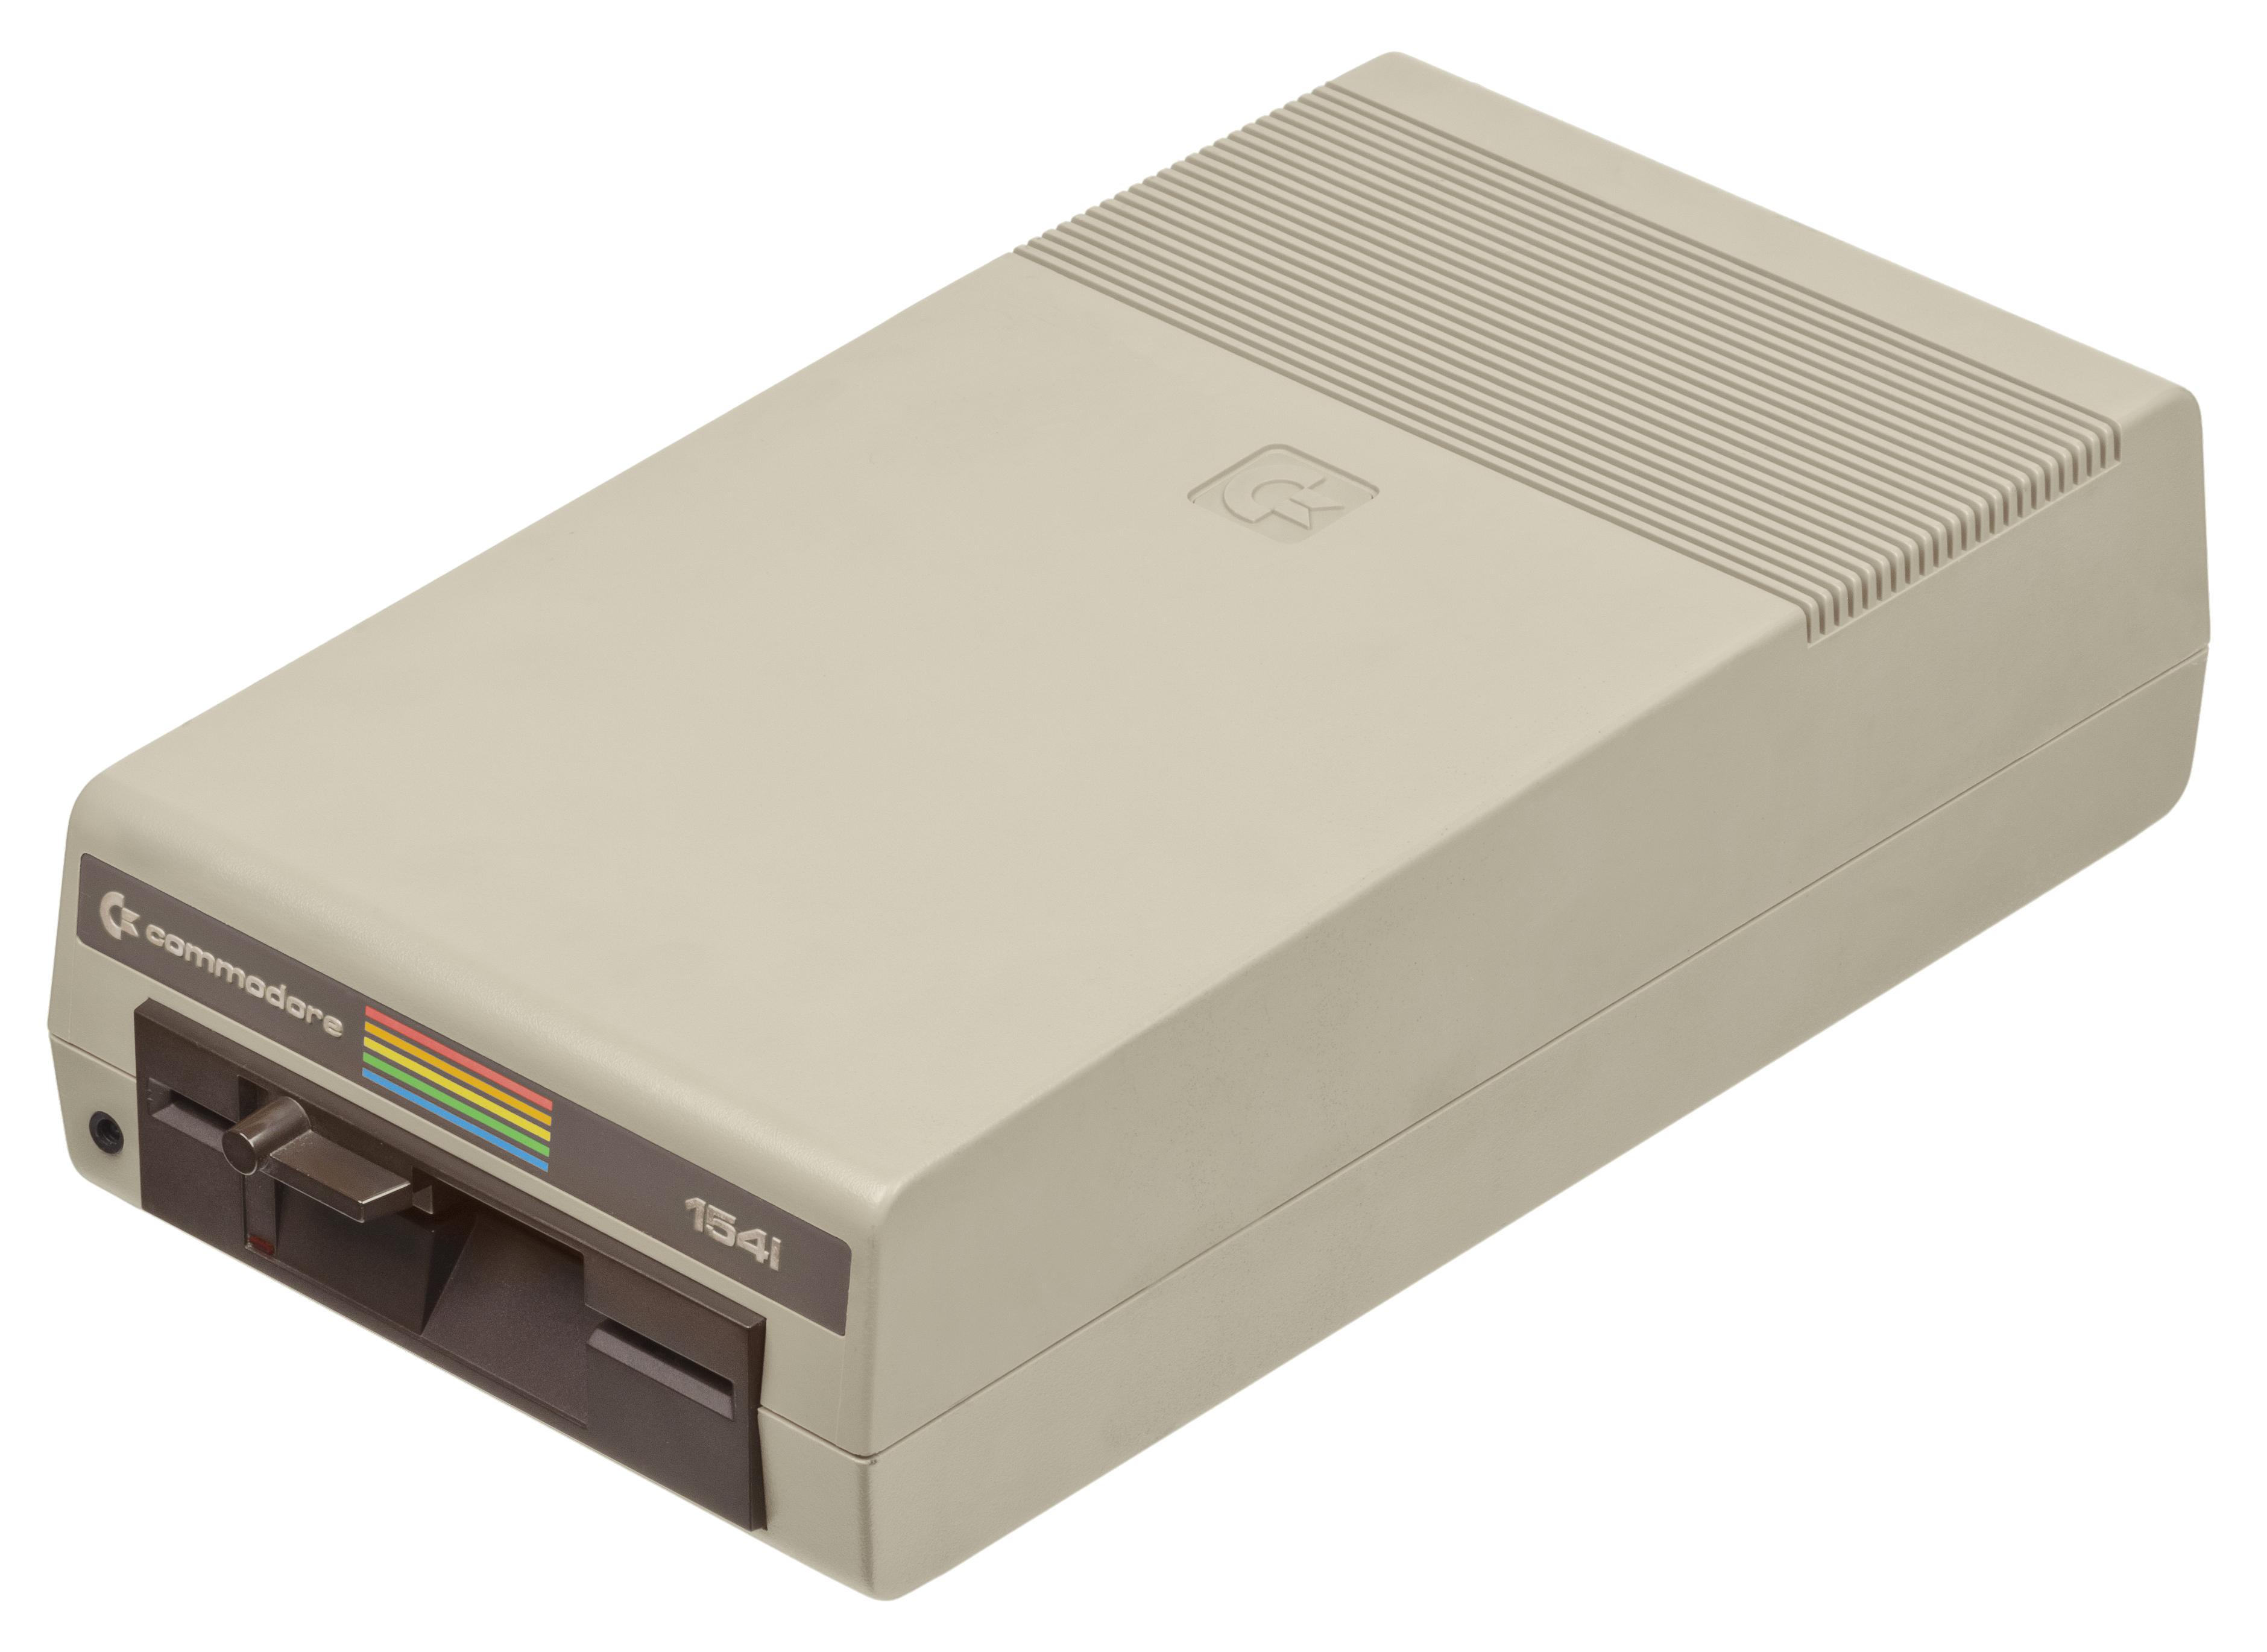 Commodore 1541 - Wikipedia